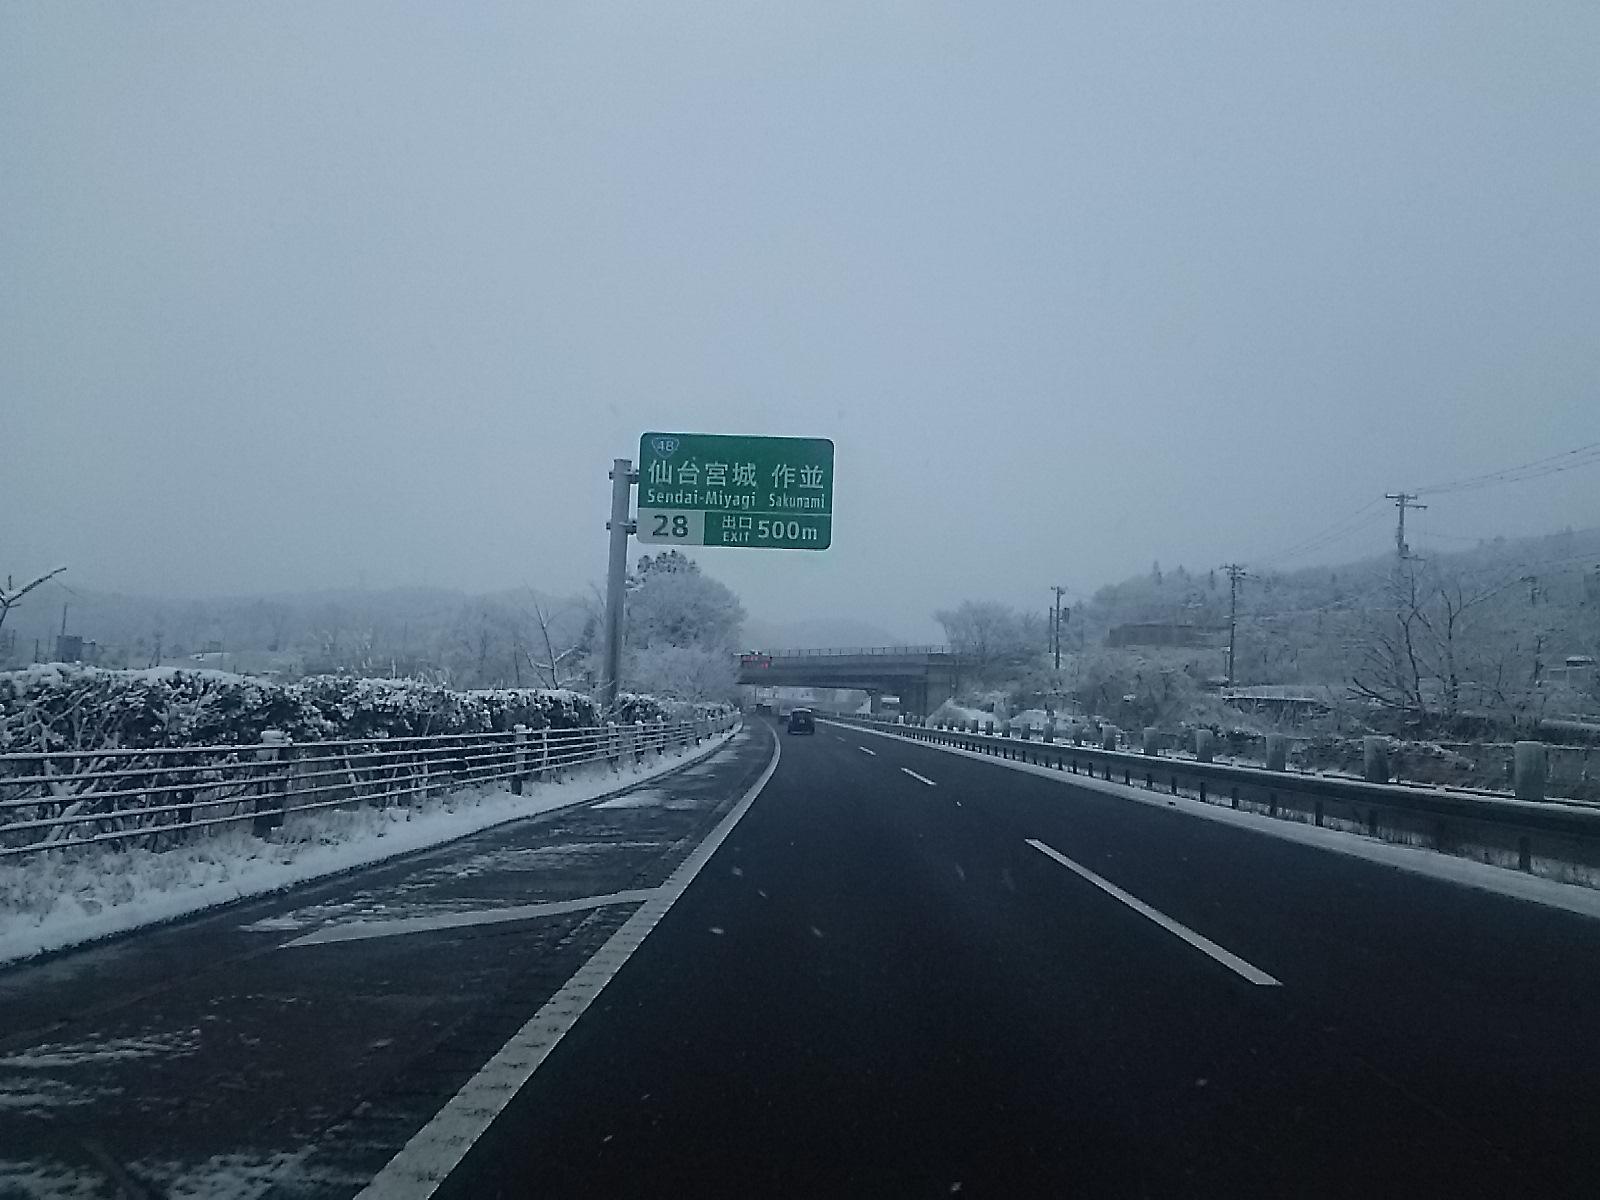 八戸港から南下中、仙台も雪です。